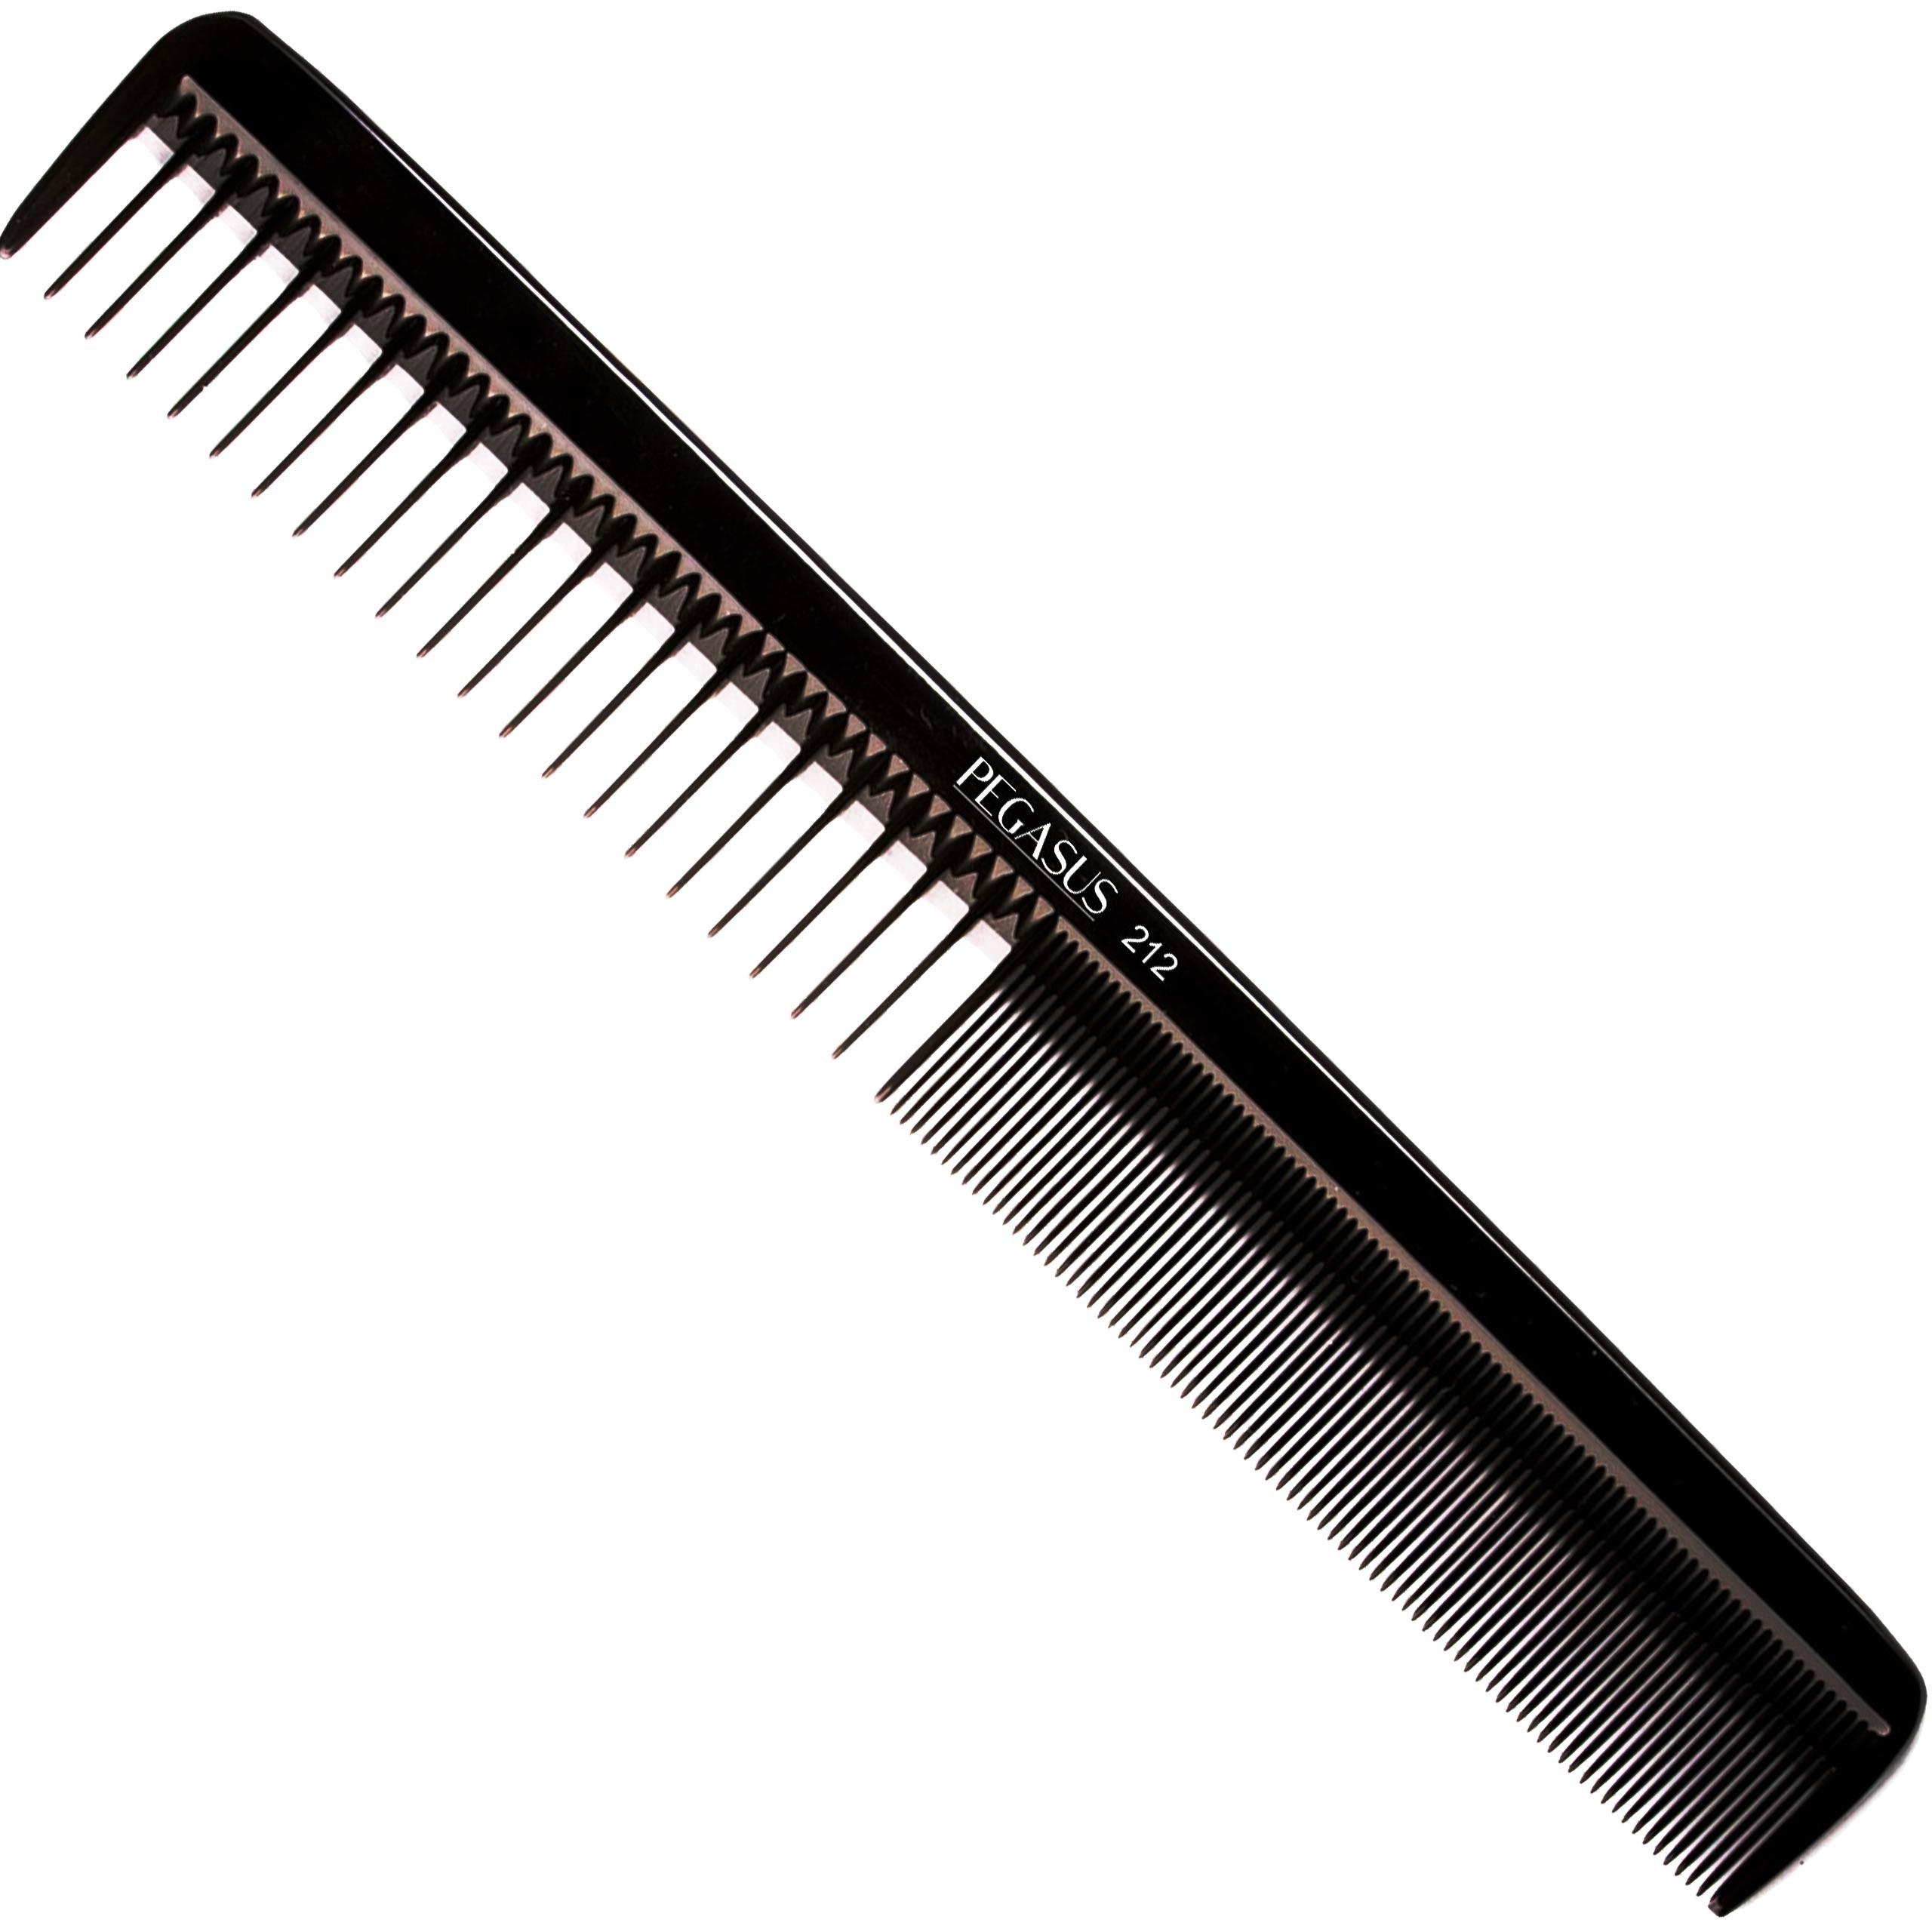 Image of Barberski męski grzebień do brody i włosów pegasus 212